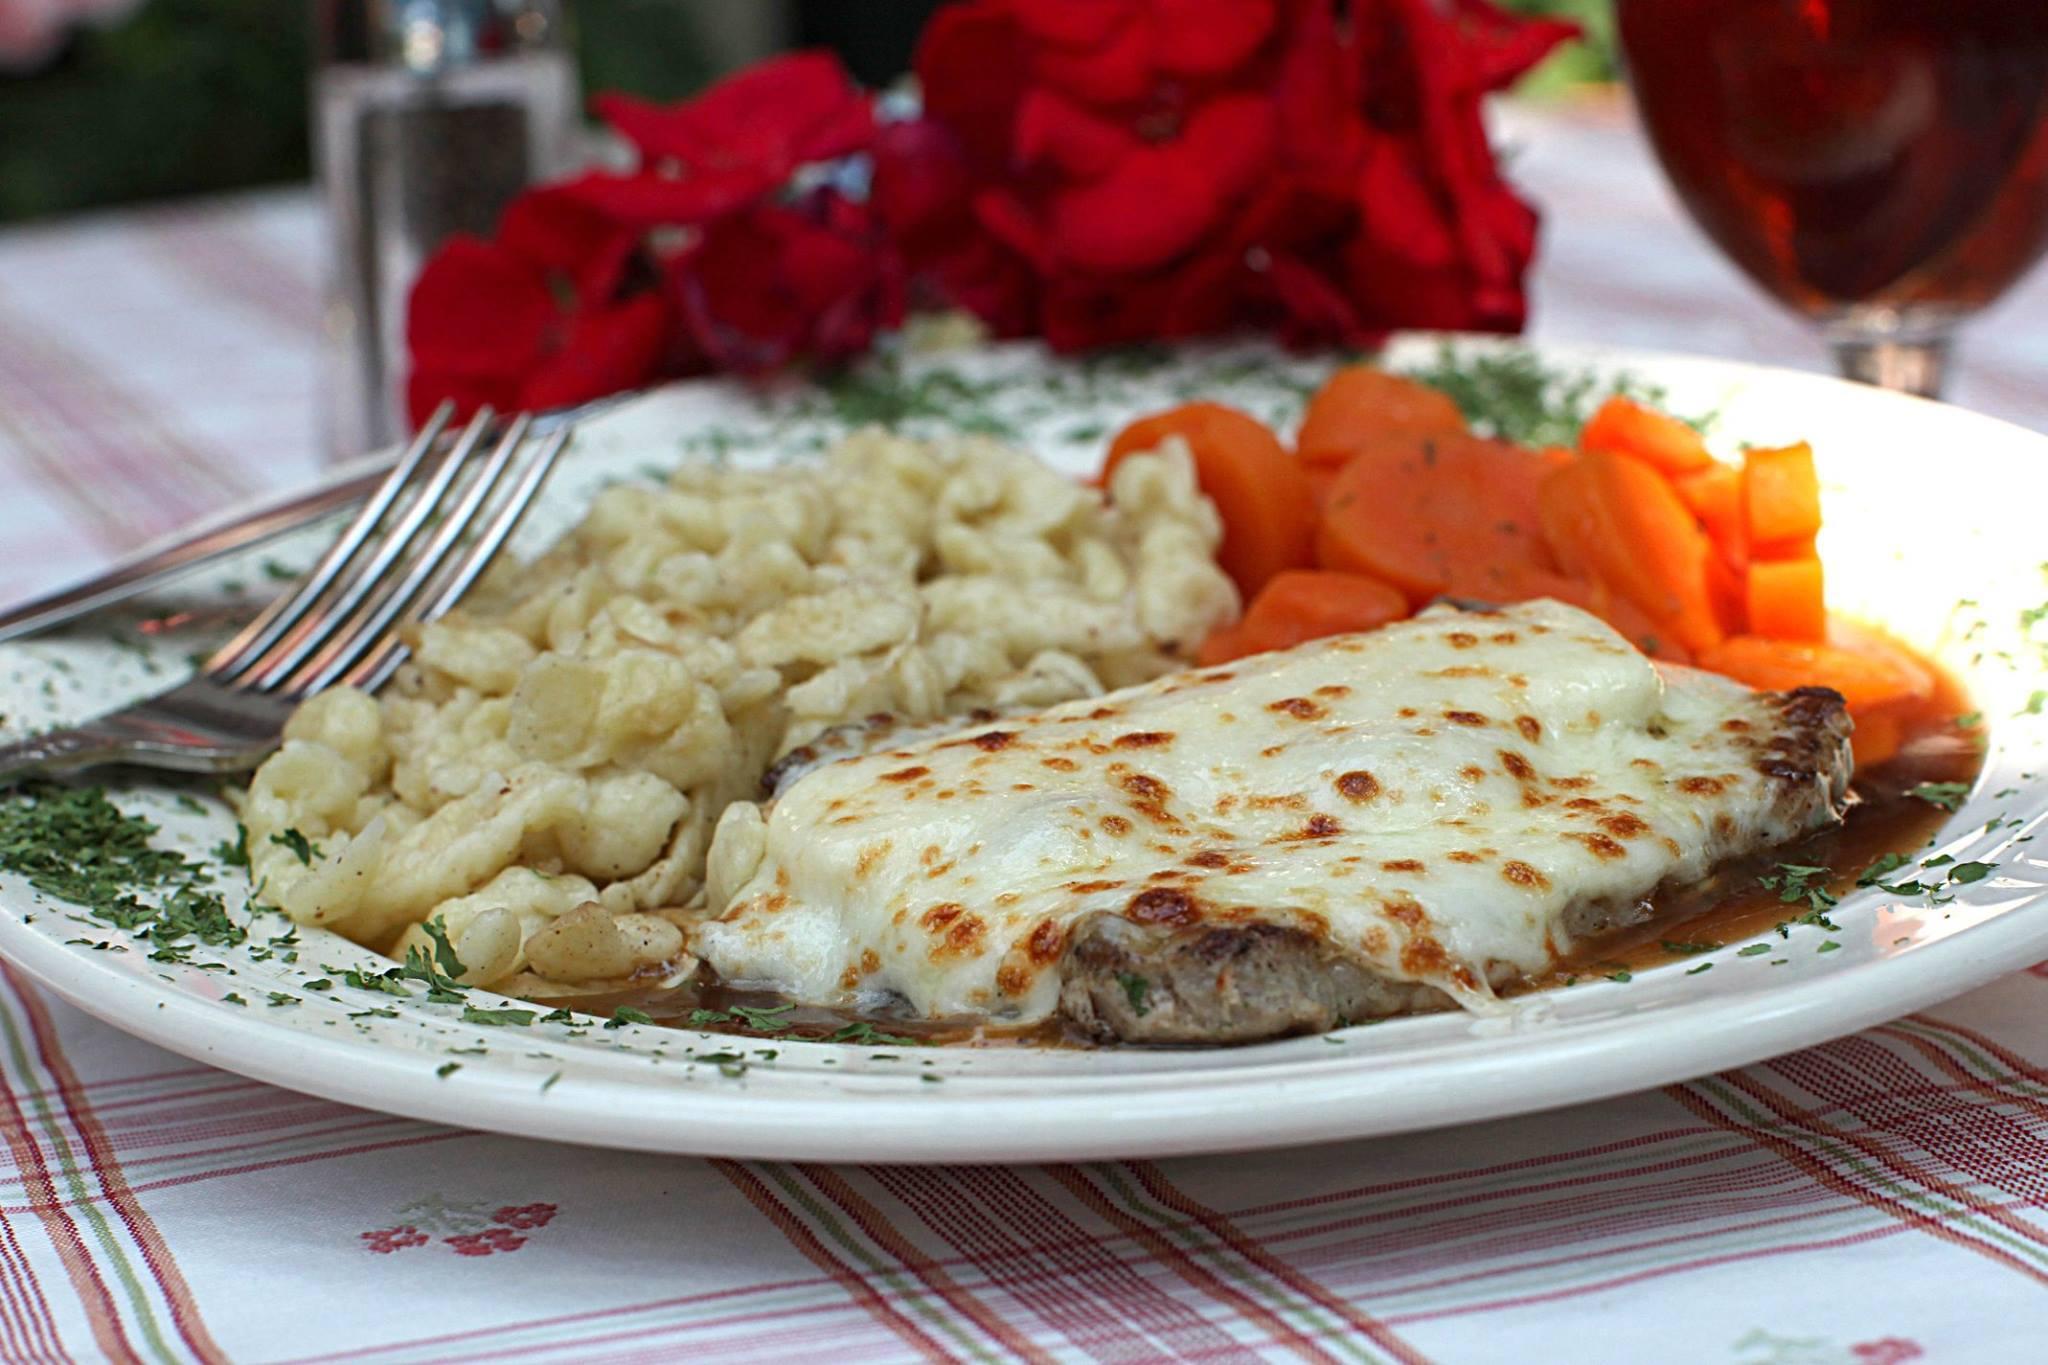 Kaeseschnitzel